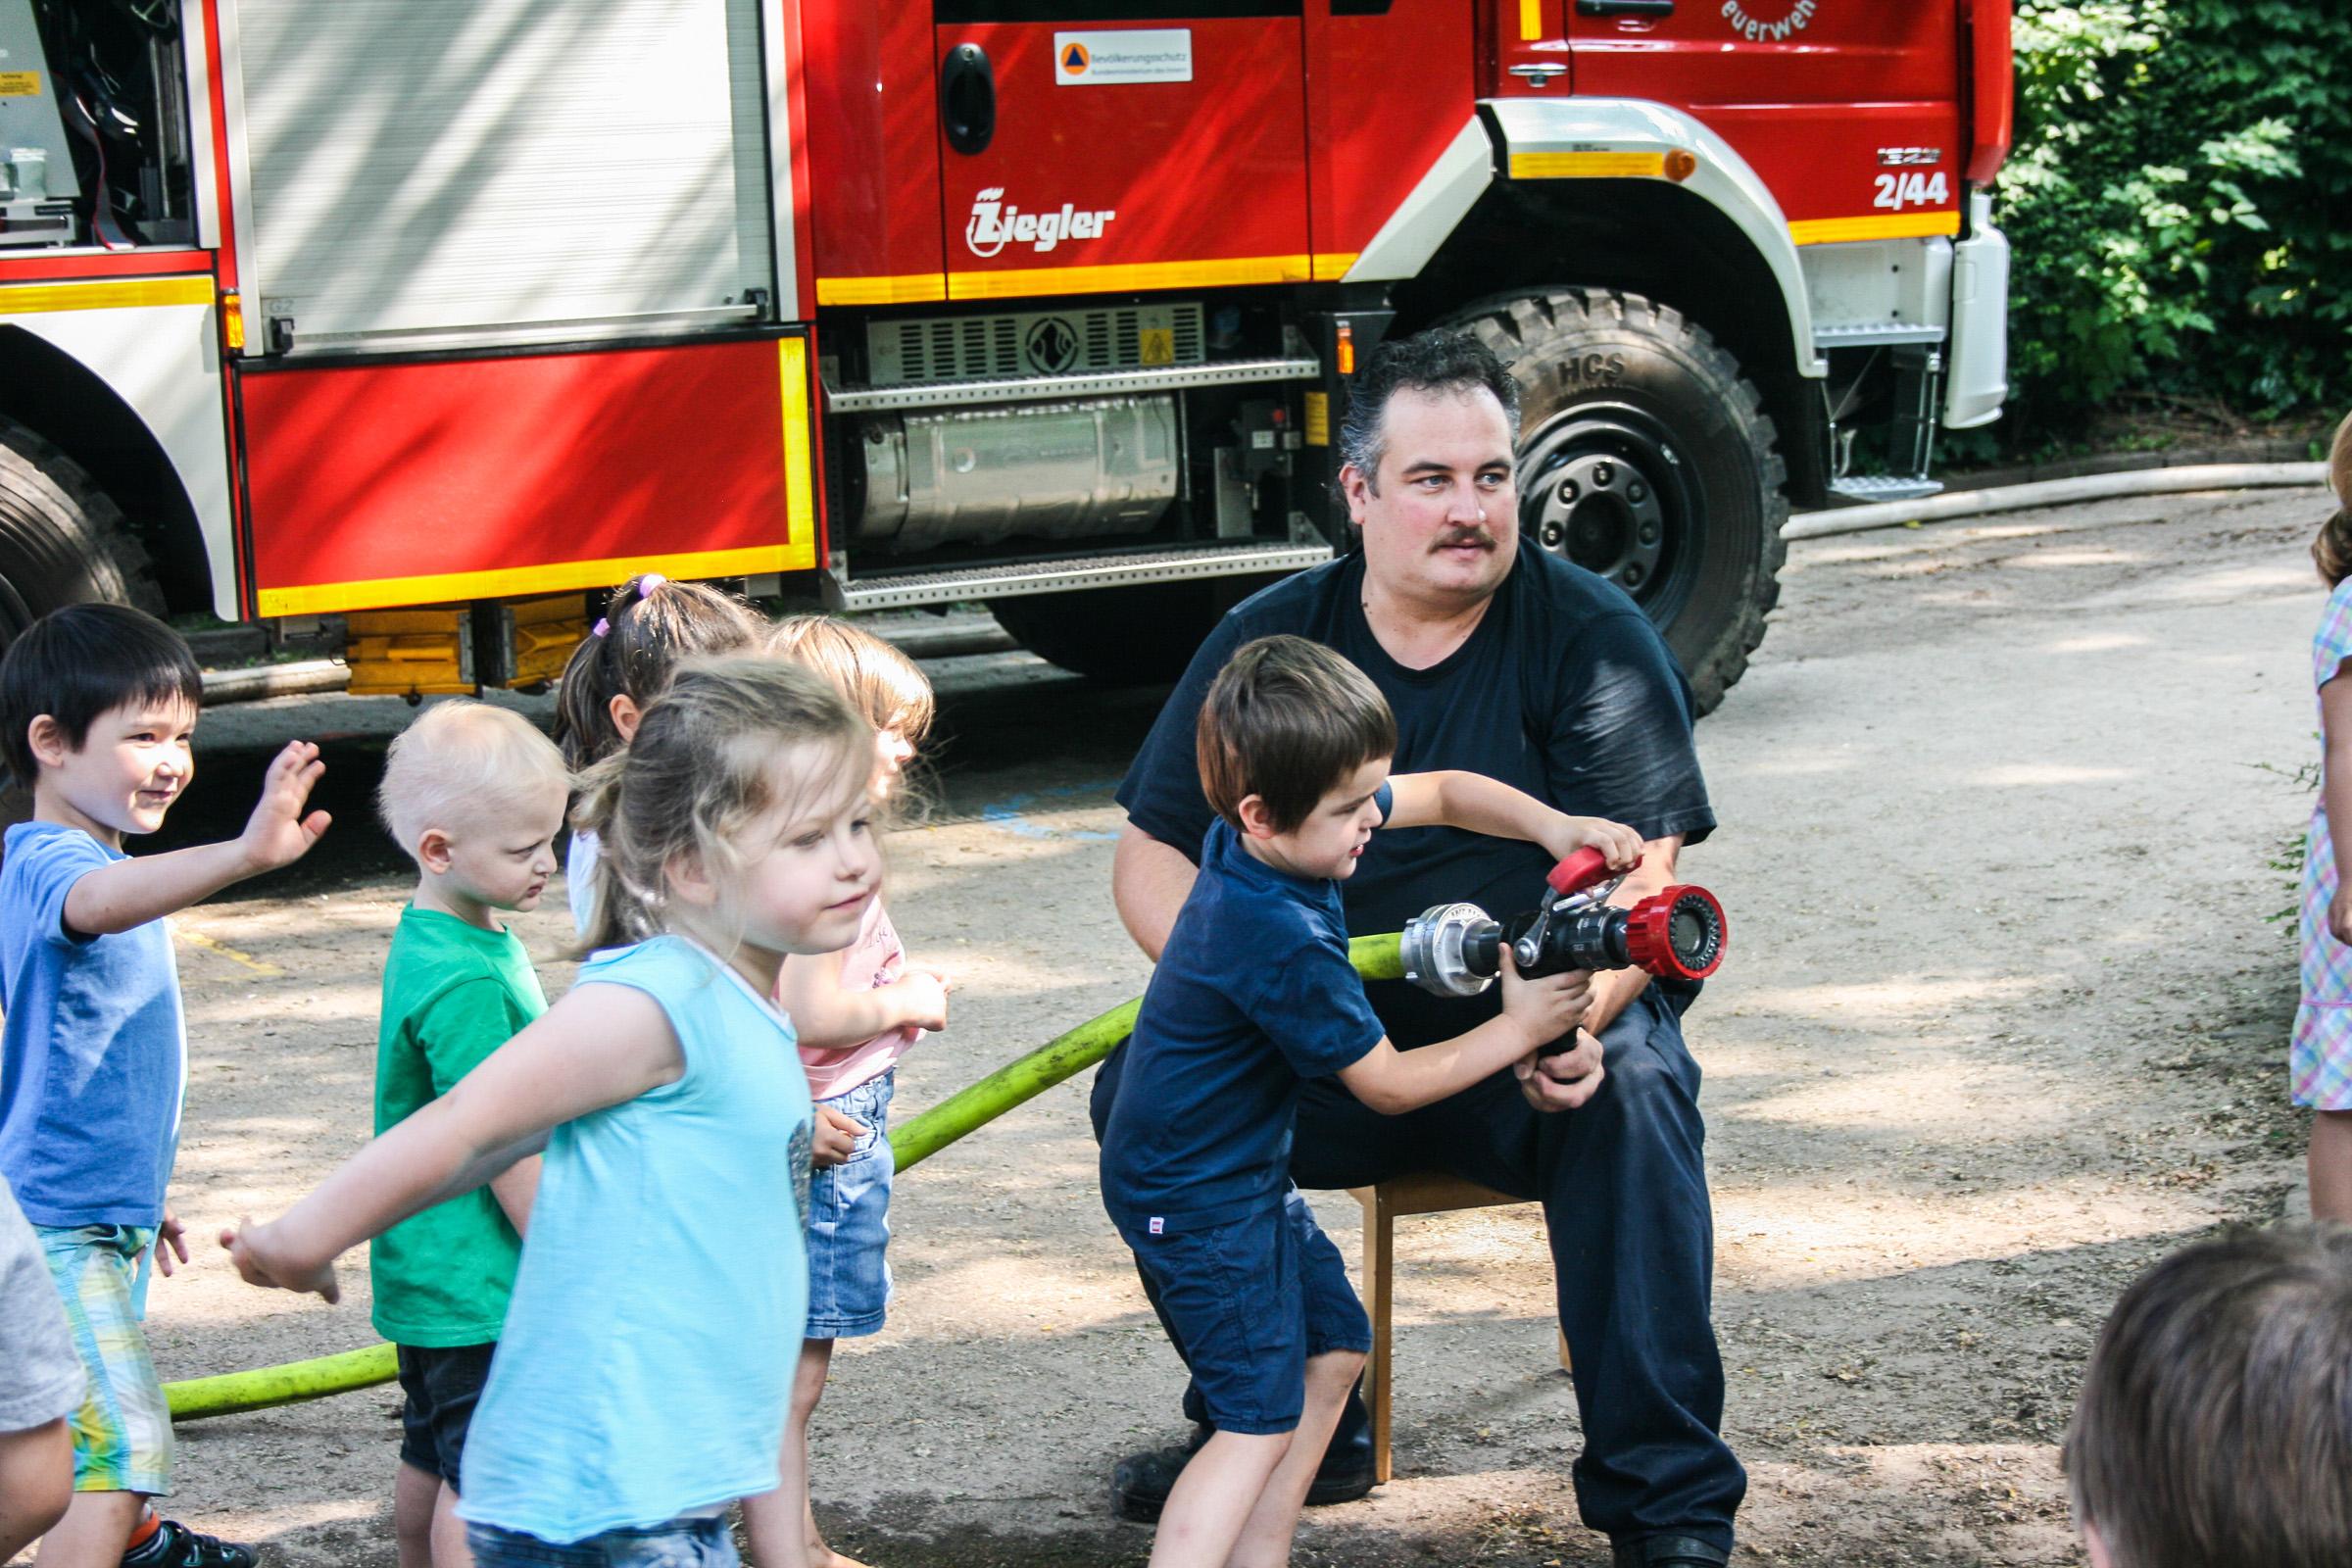 20180607_Feuerwehr_122